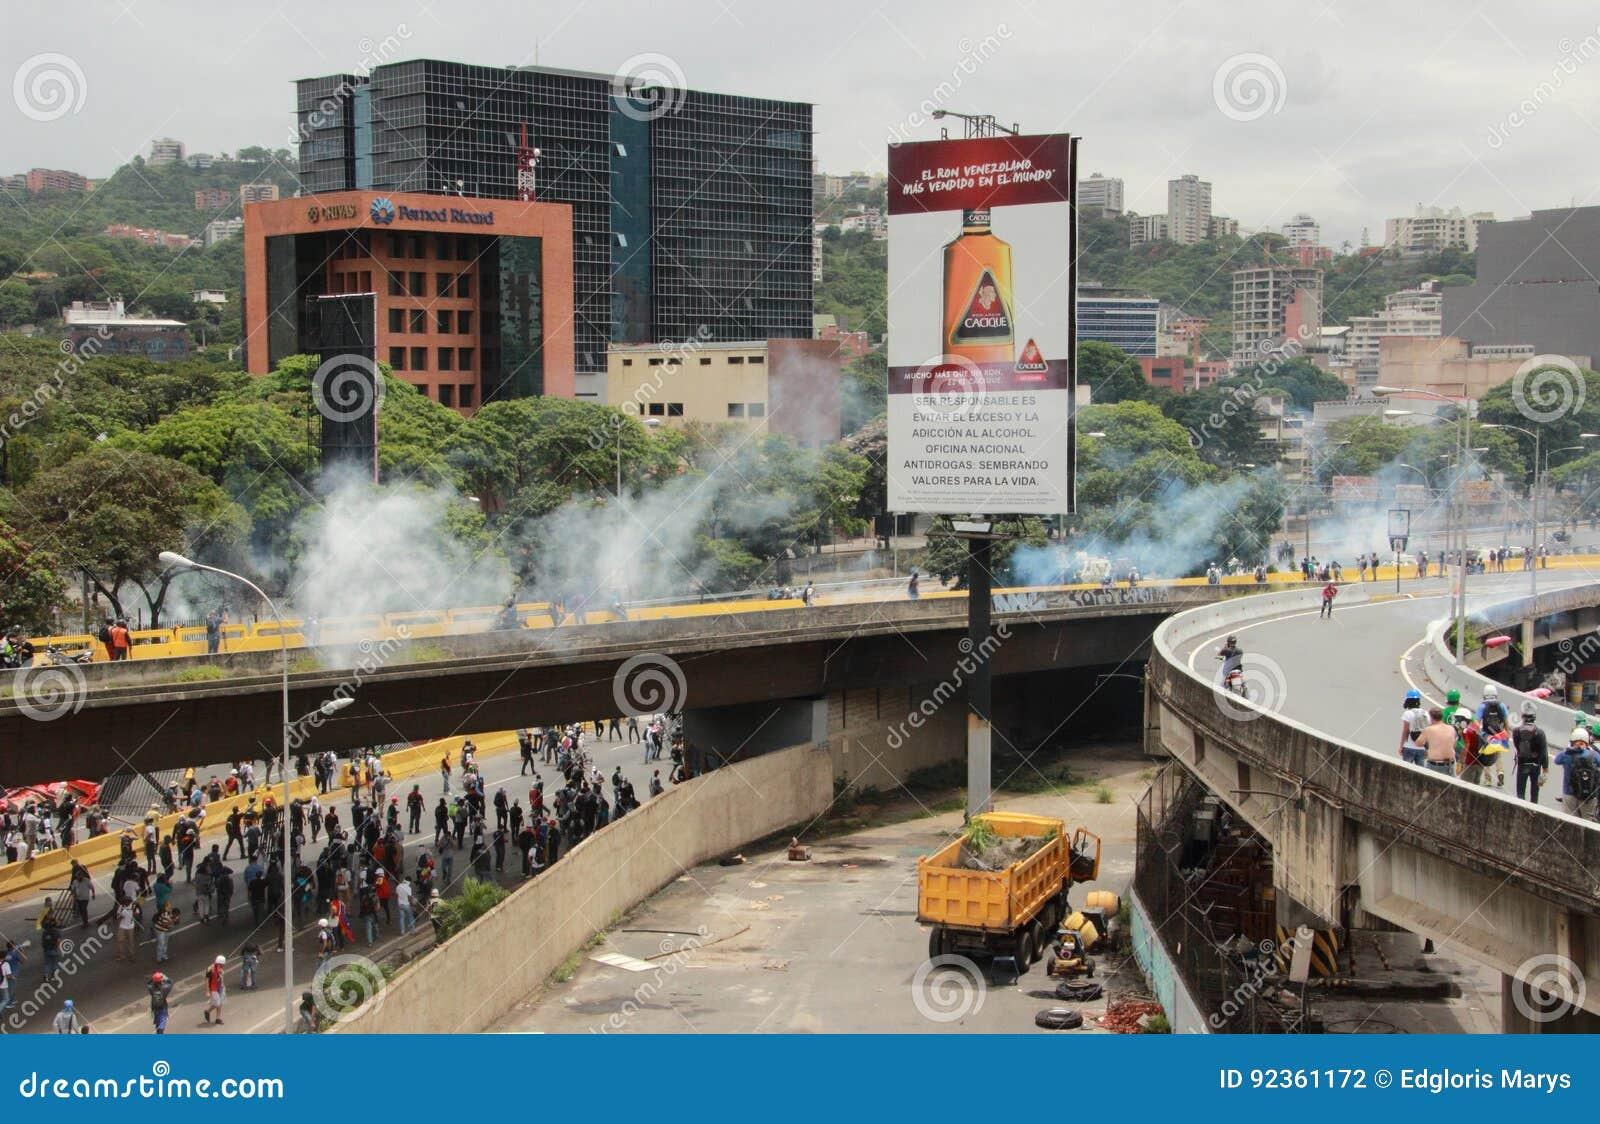 La polizia ha utilizzato il gas lacrimogeno e le pallottole di gomma in una protesta antigovernativa Caracas il Venezuela maggio